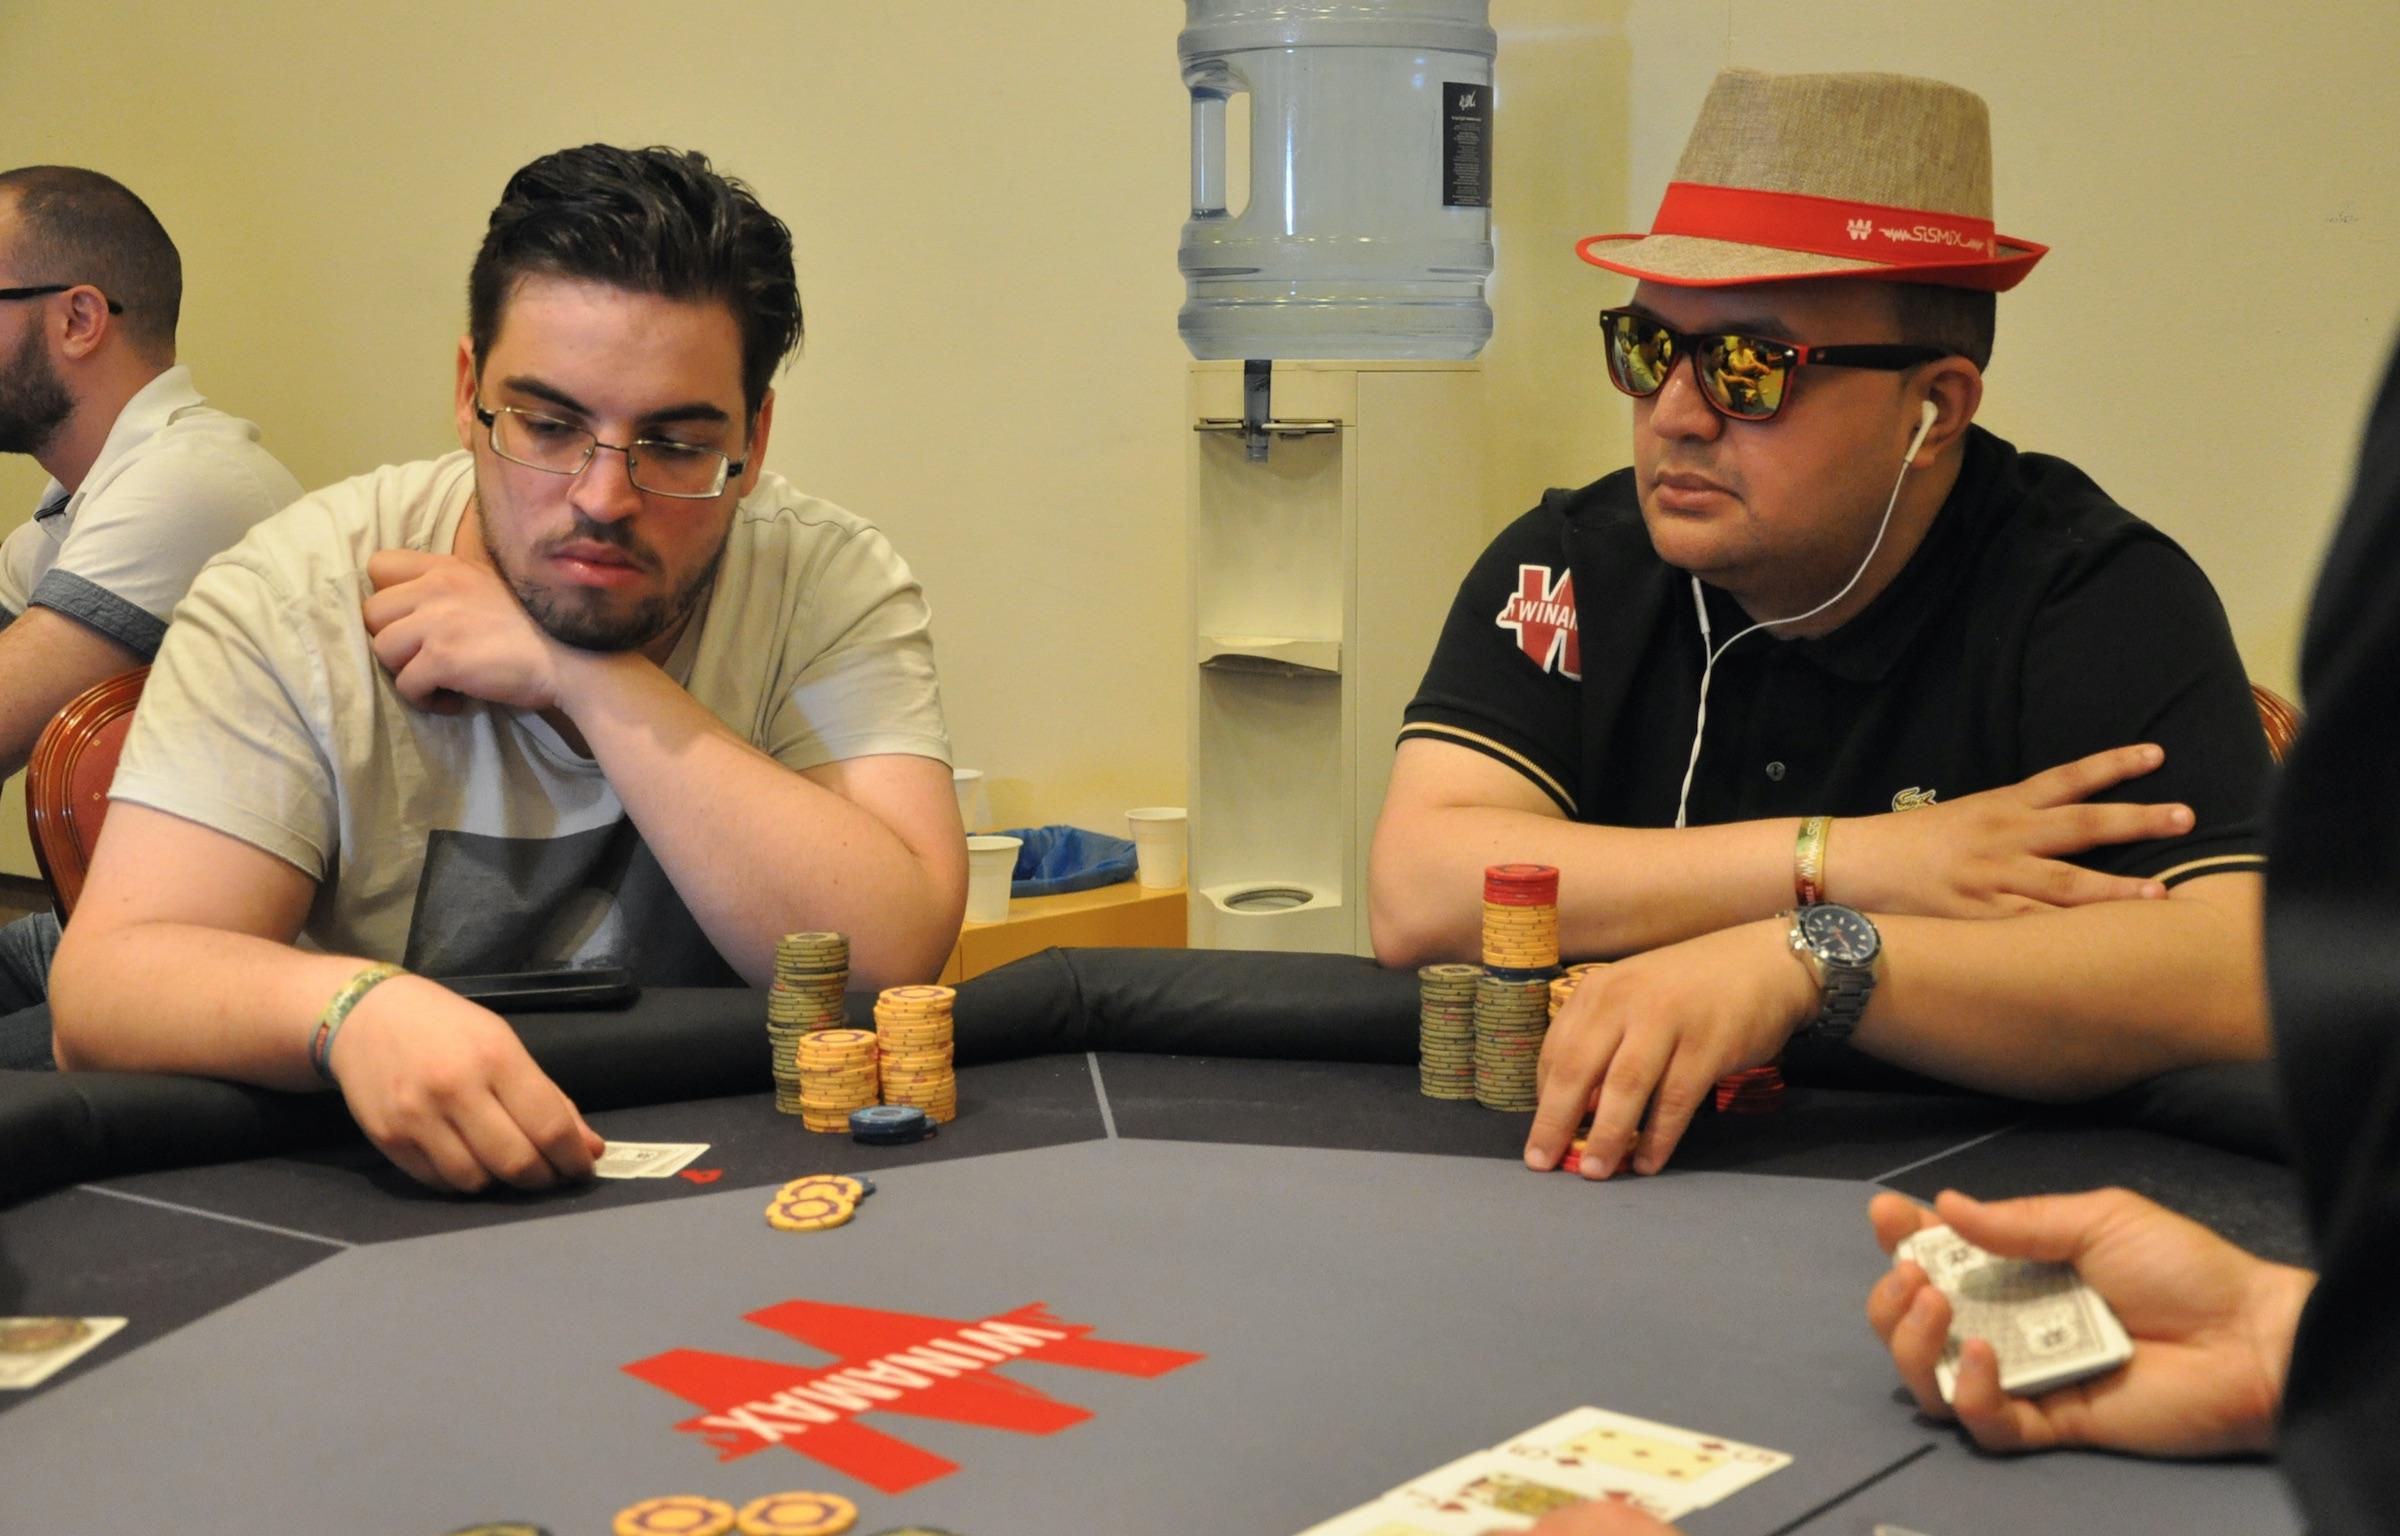 Poker collusion signals